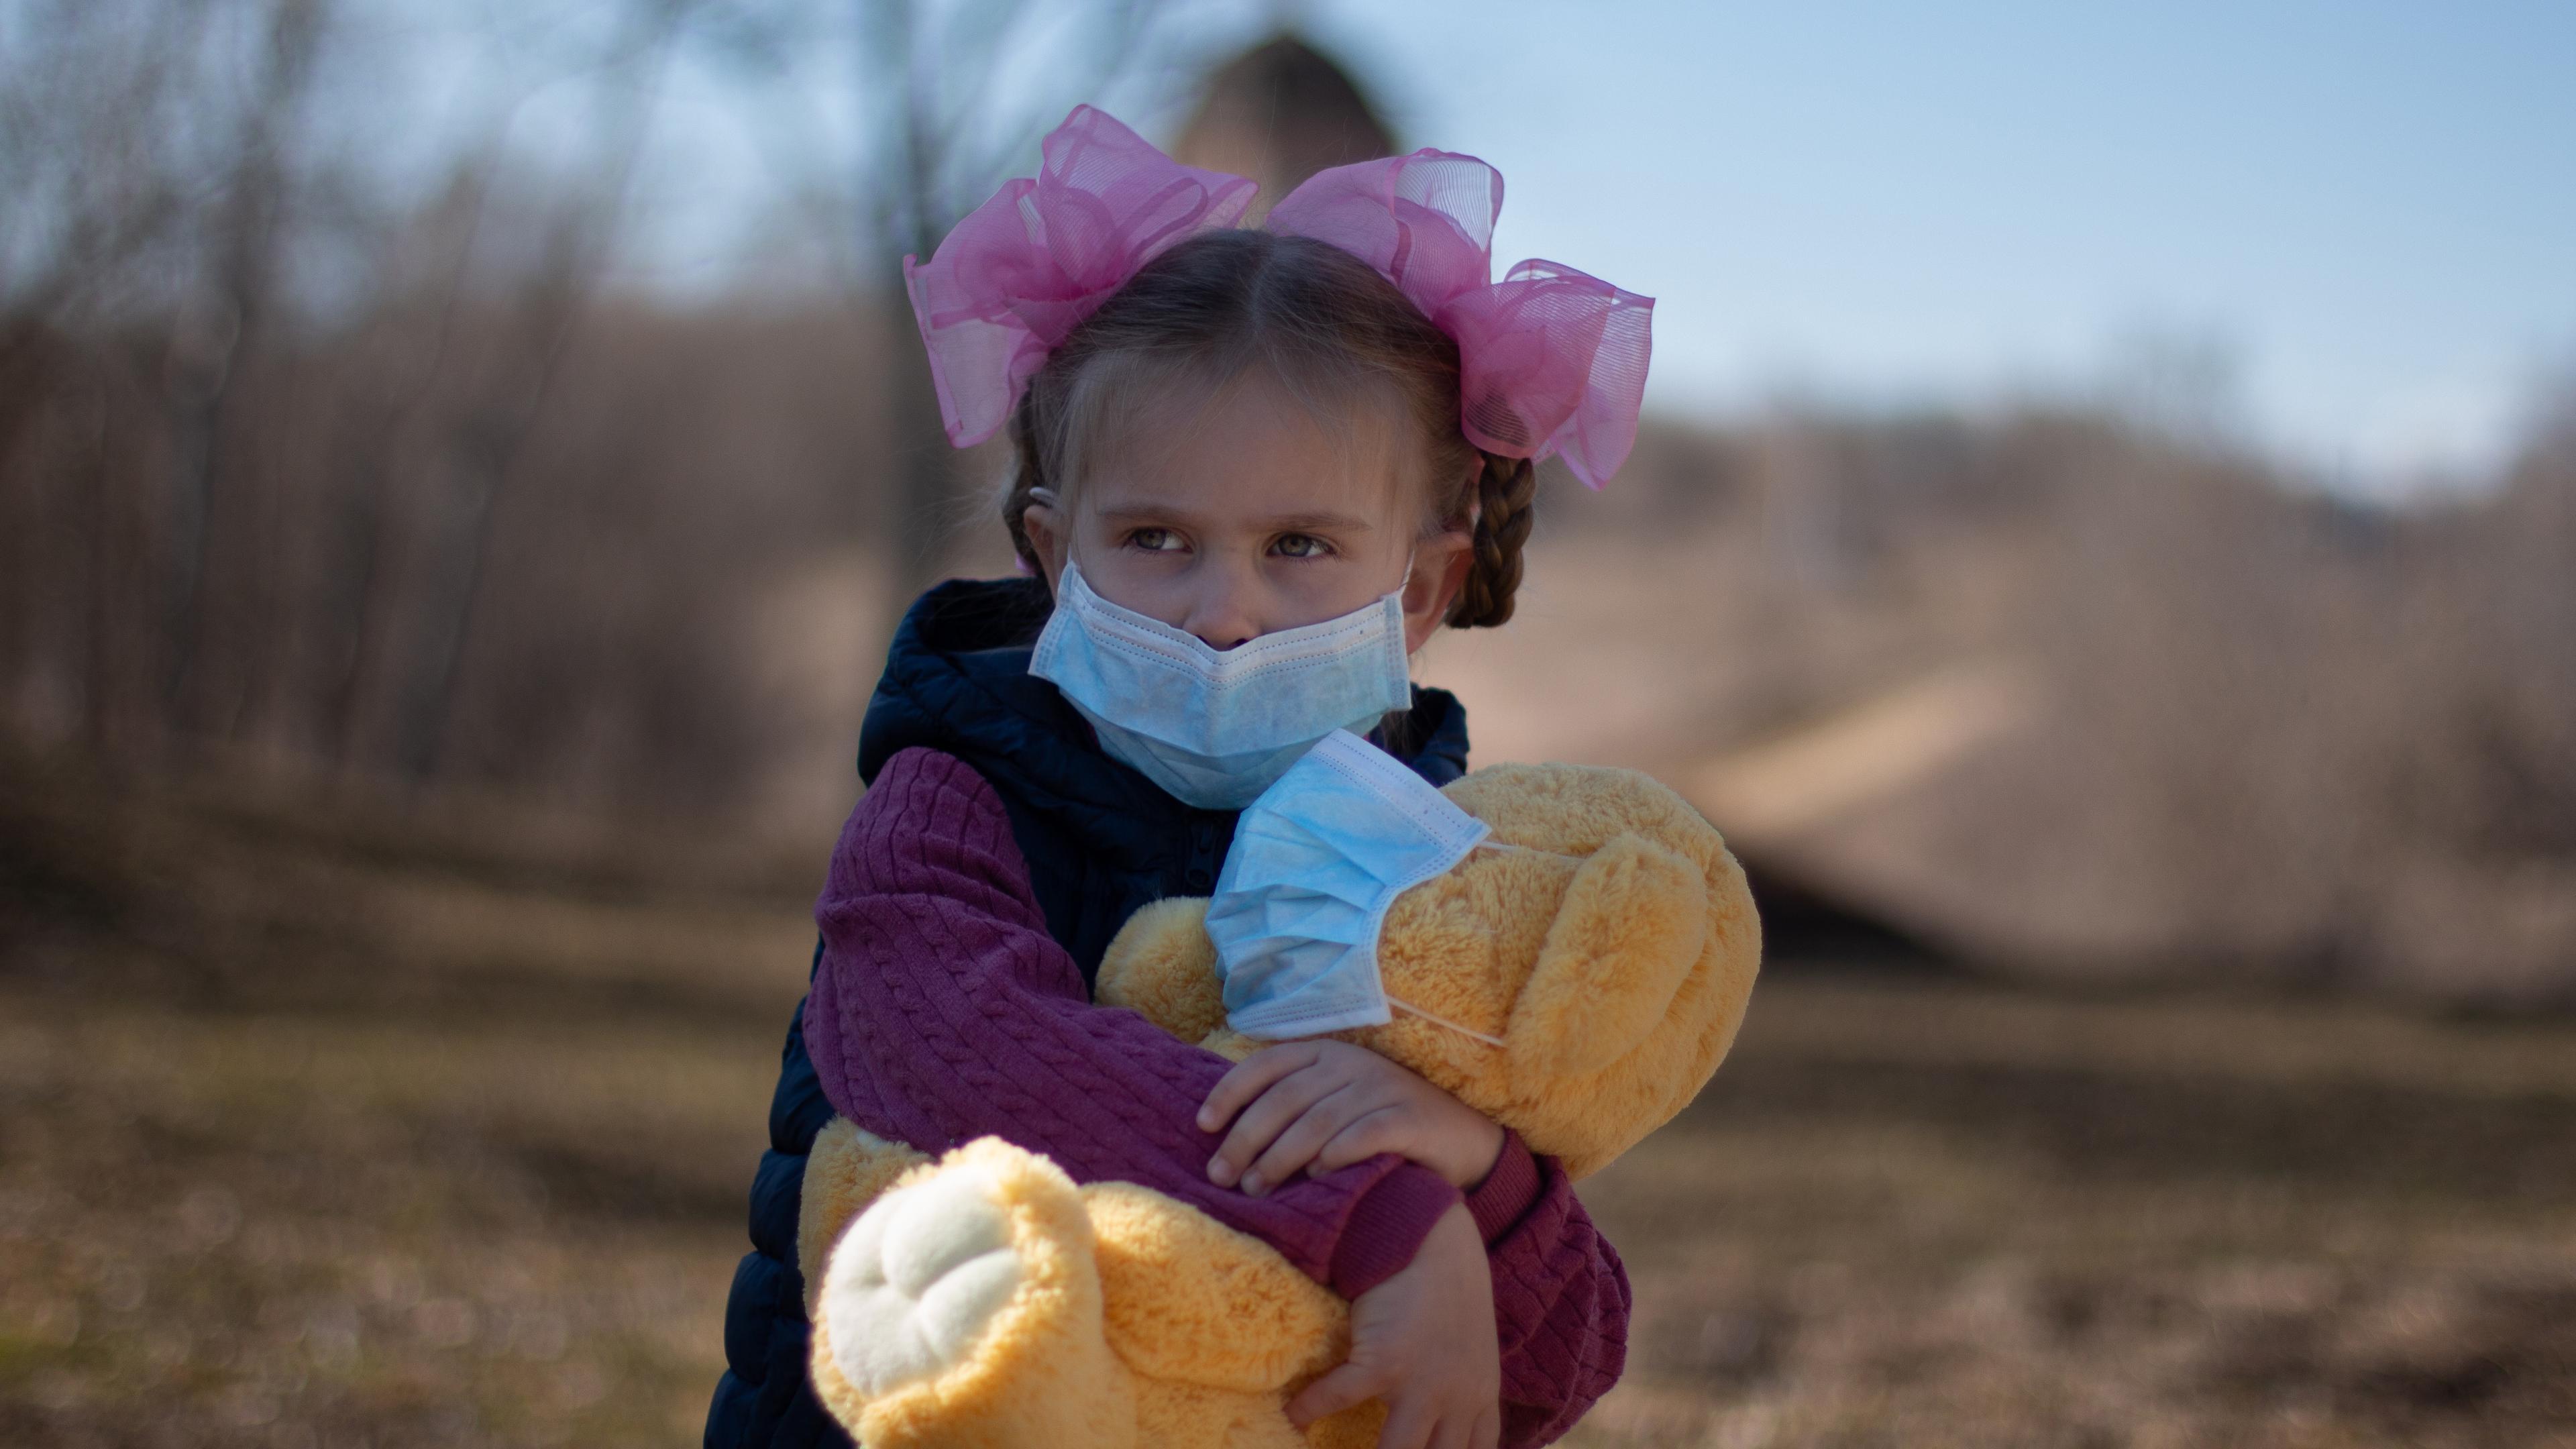 У детей «слабее» иммунитет к коронавирусу. Возможно, в этом их преимущество